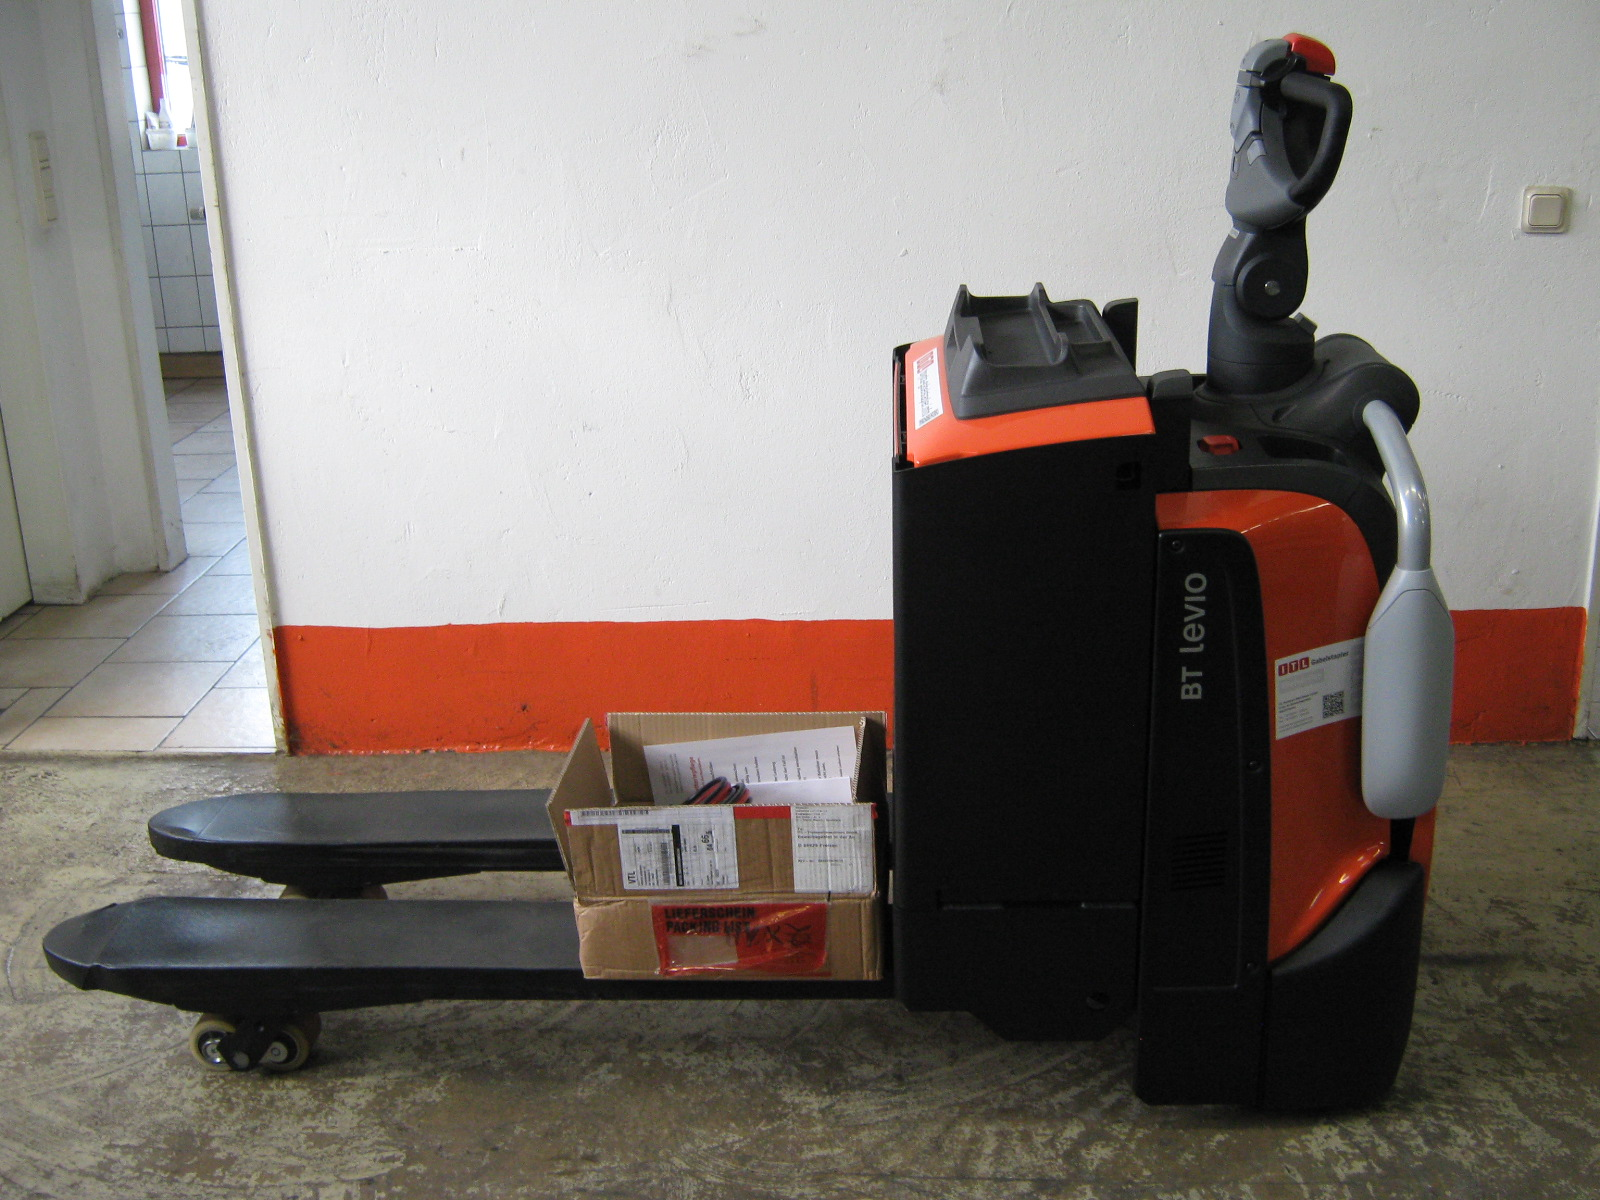 Toyota-Gabelstapler-212 17558 1